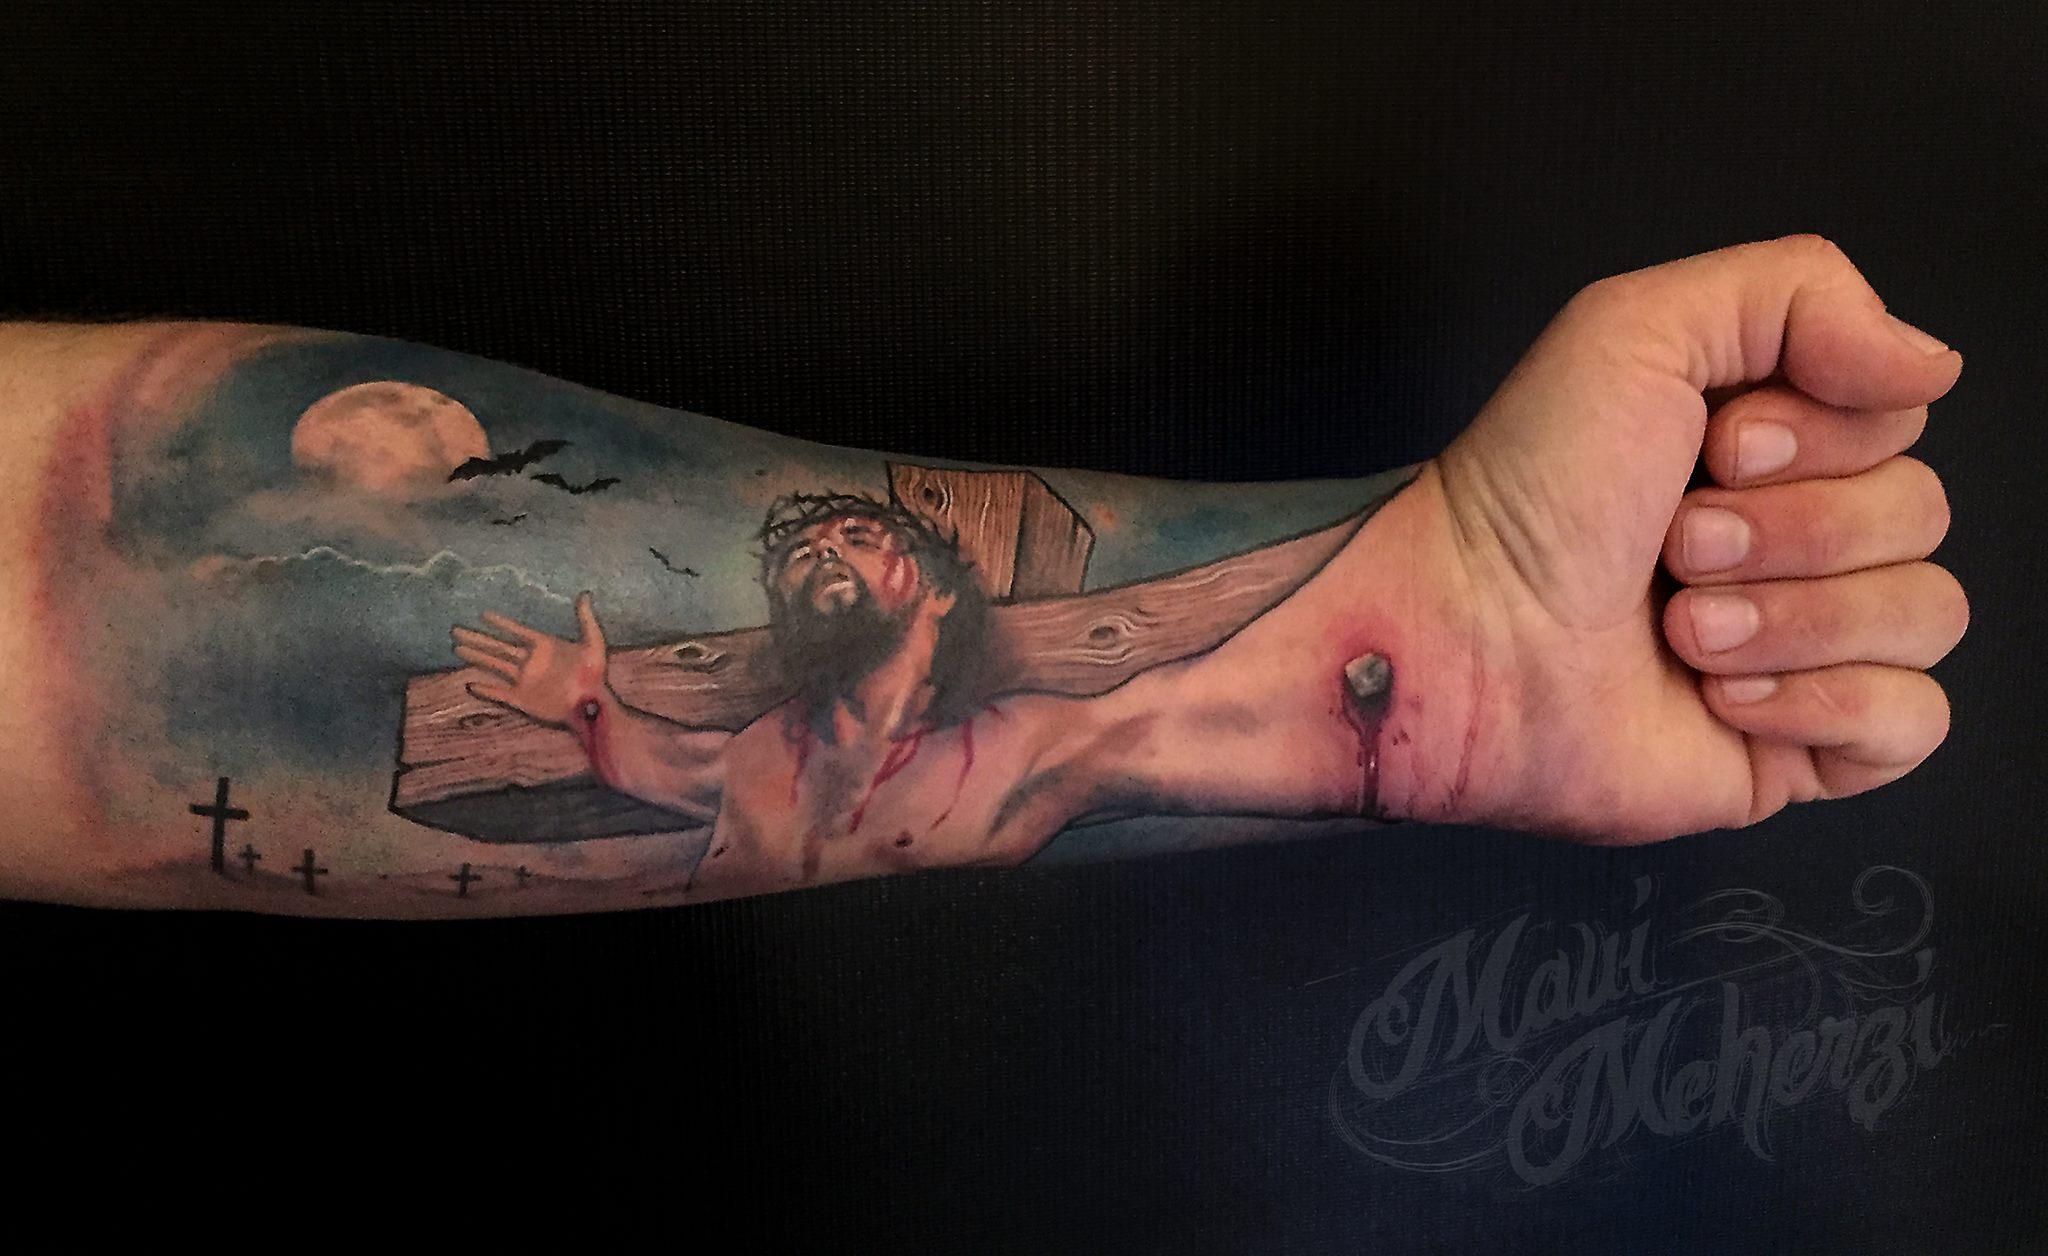 Maui Meherzi Jesus Hand Tattoos Von Tattoo Bewertungde for measurements 2048 X 1256